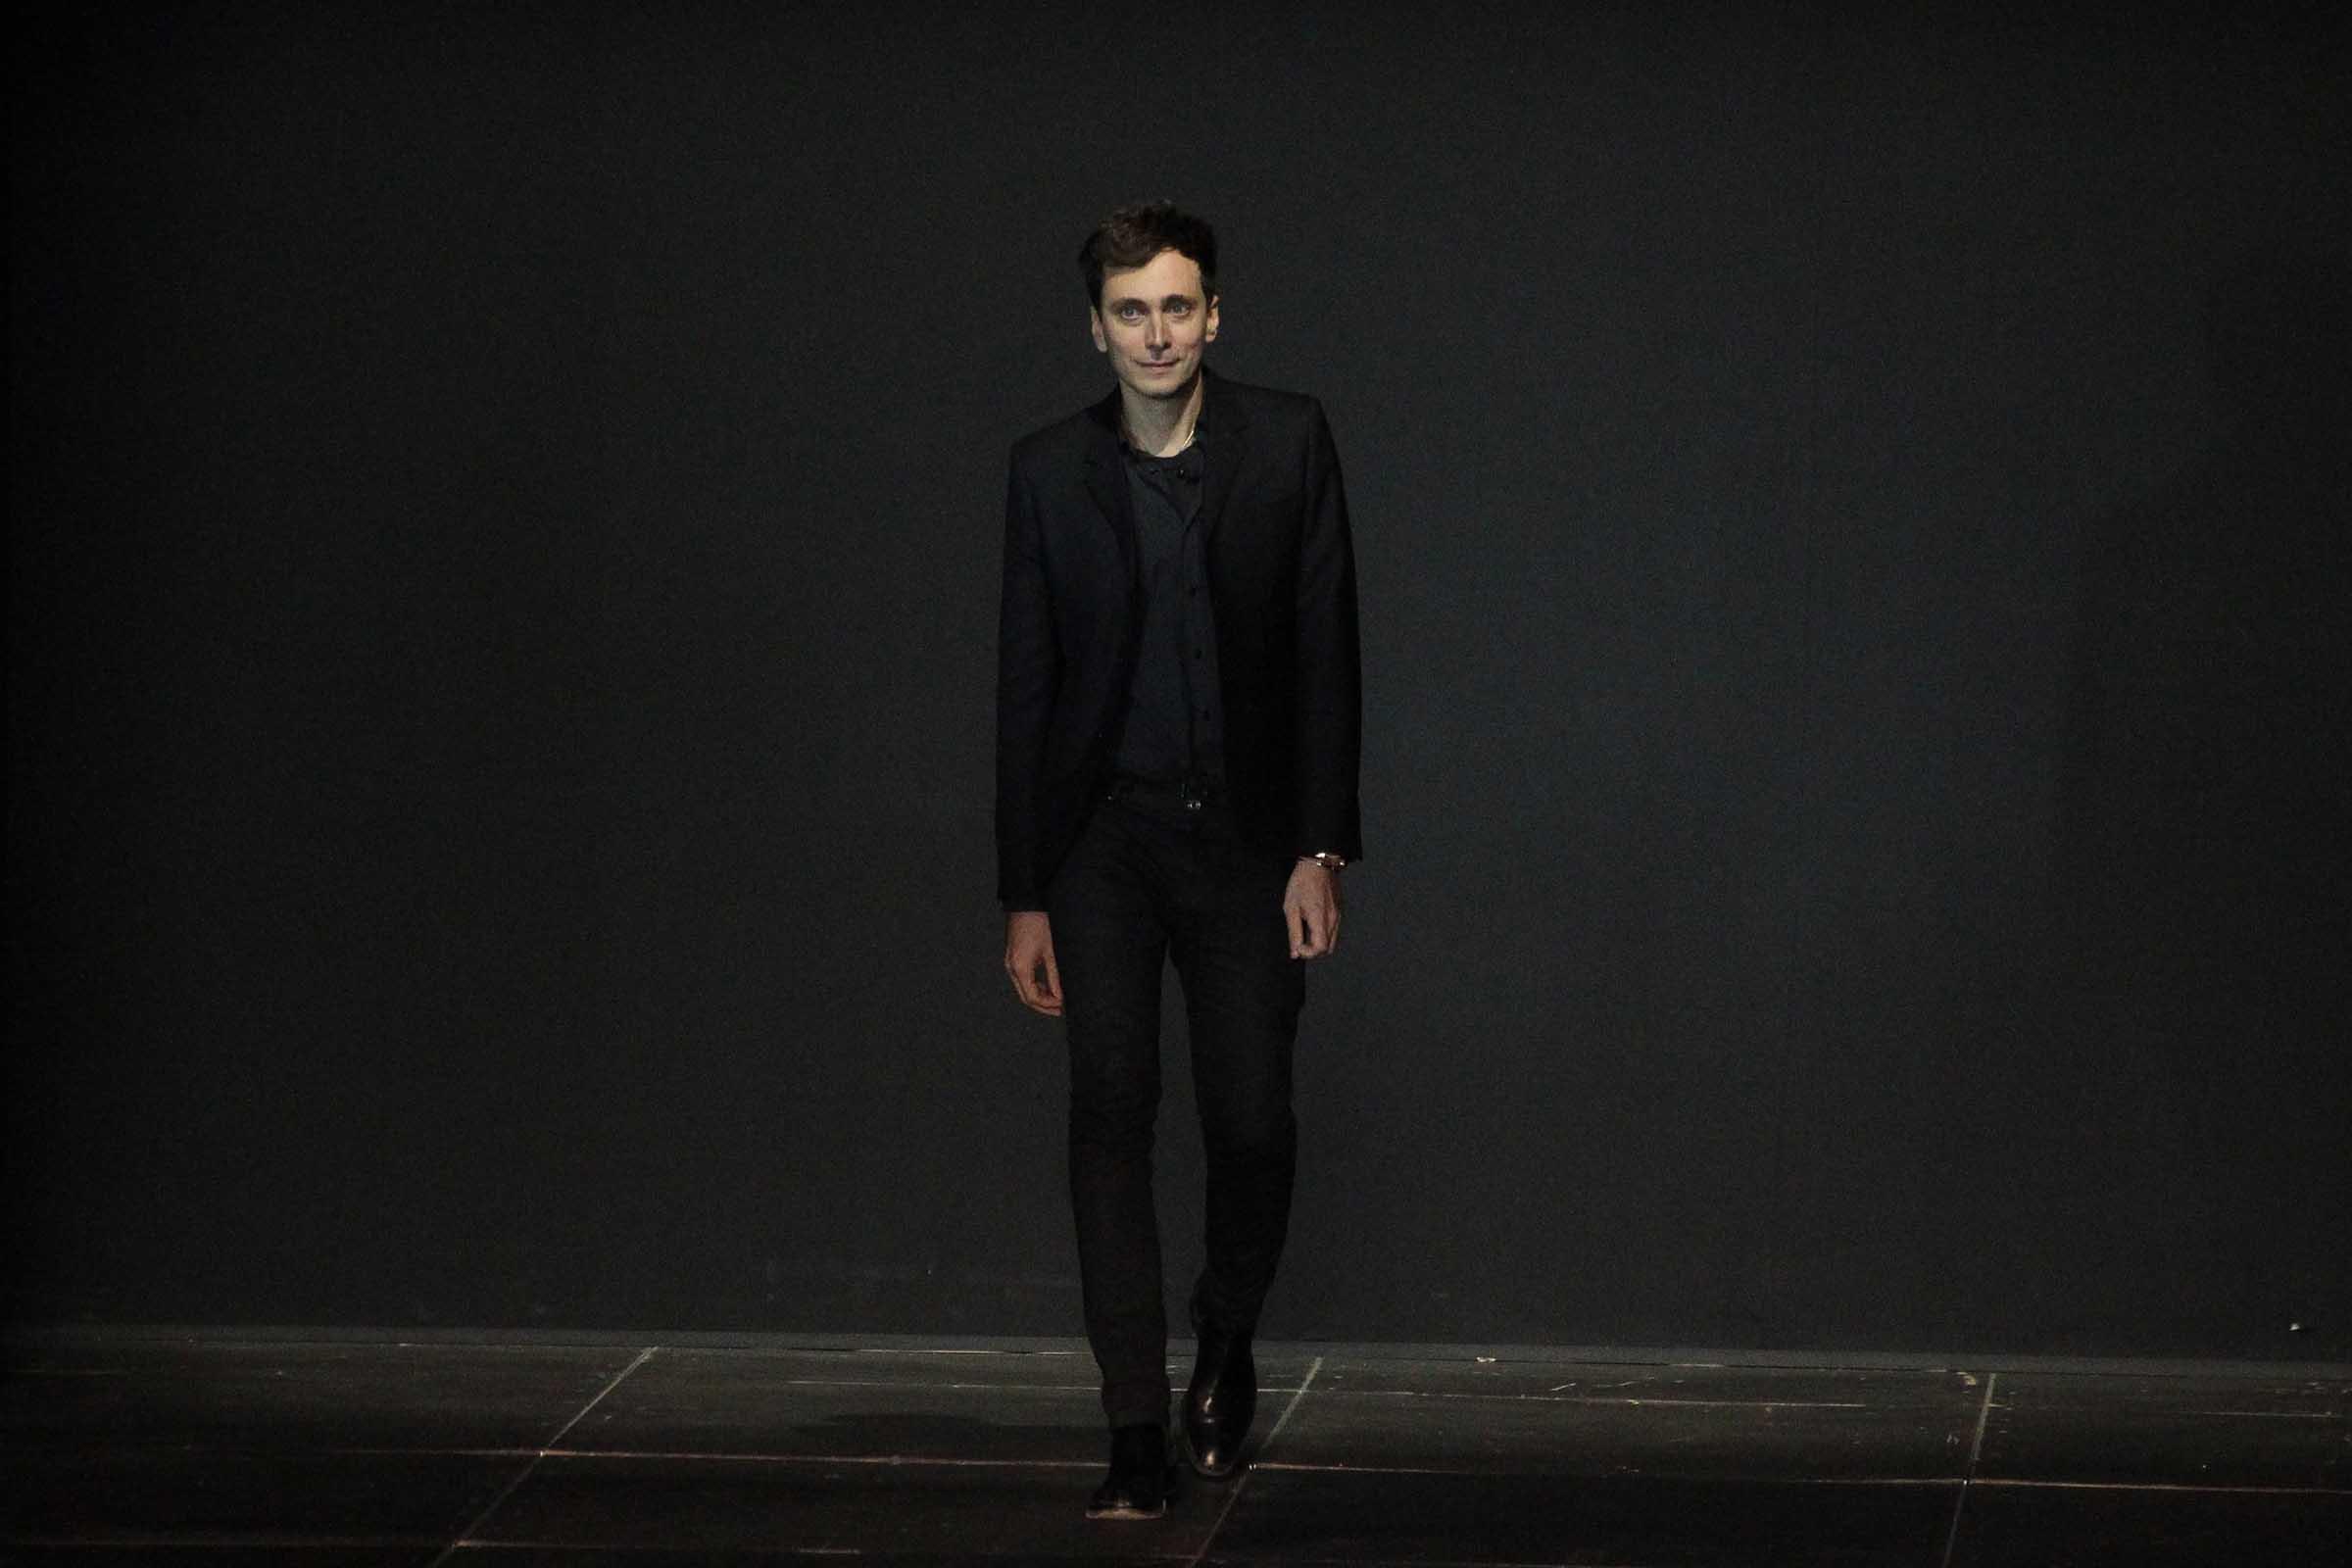 The all-world designer Hedi Slimane in his signature black suit